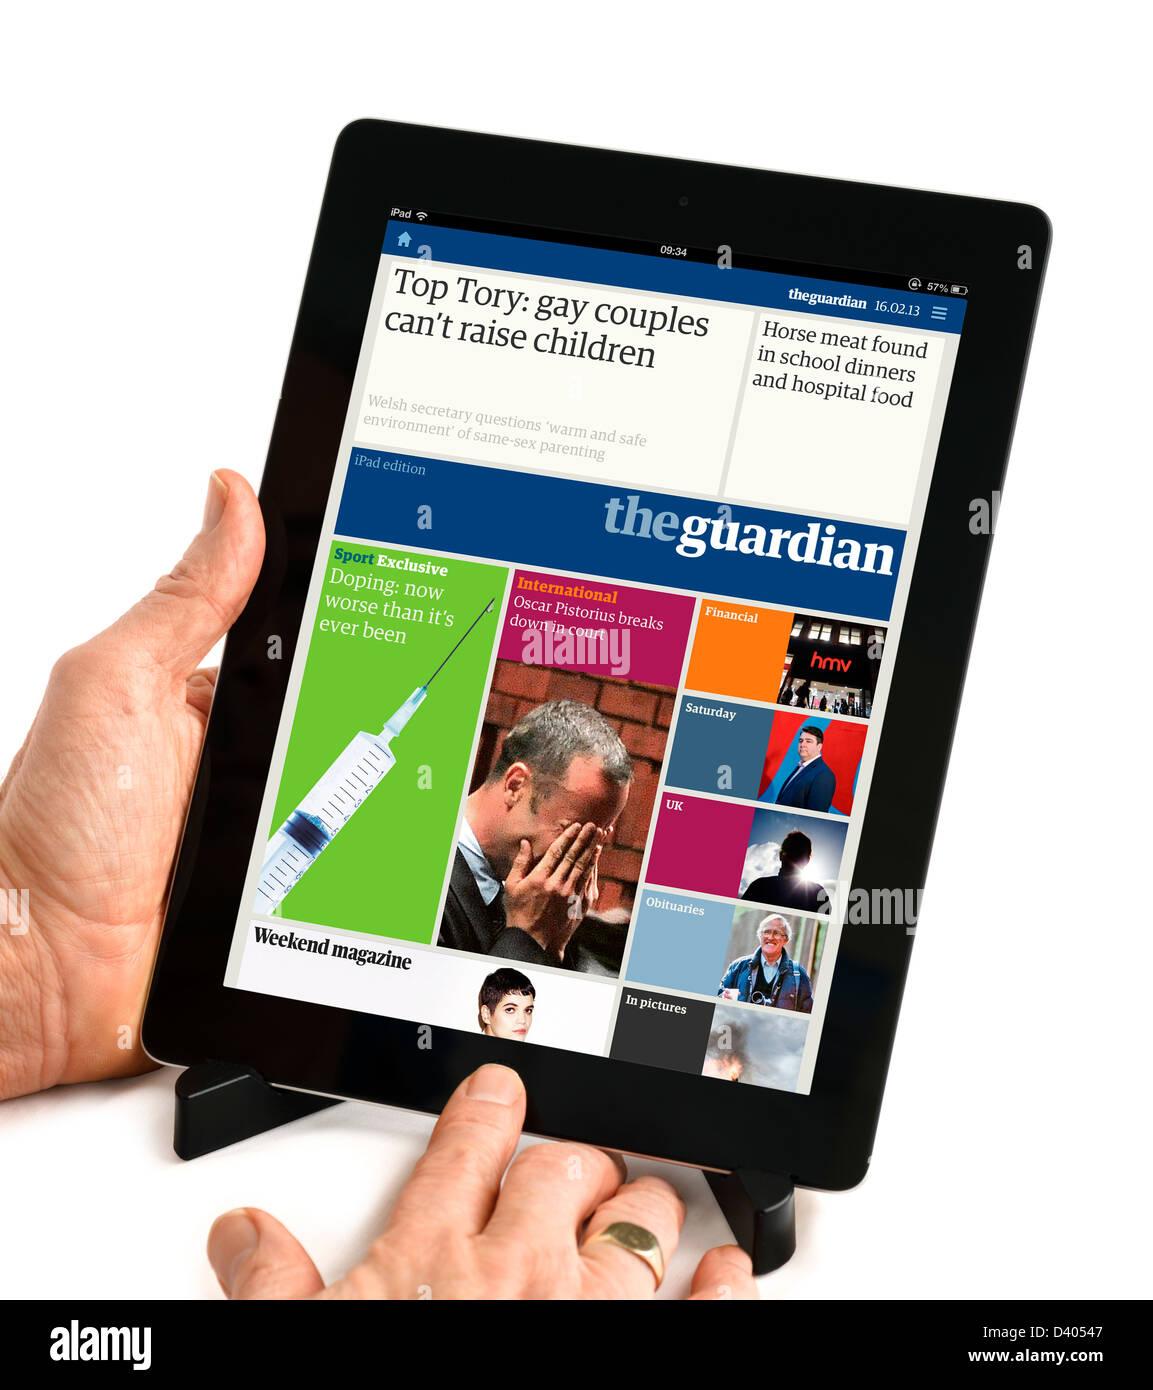 Le journal The Guardian app sur un iPad 4e génération, UK Photo Stock